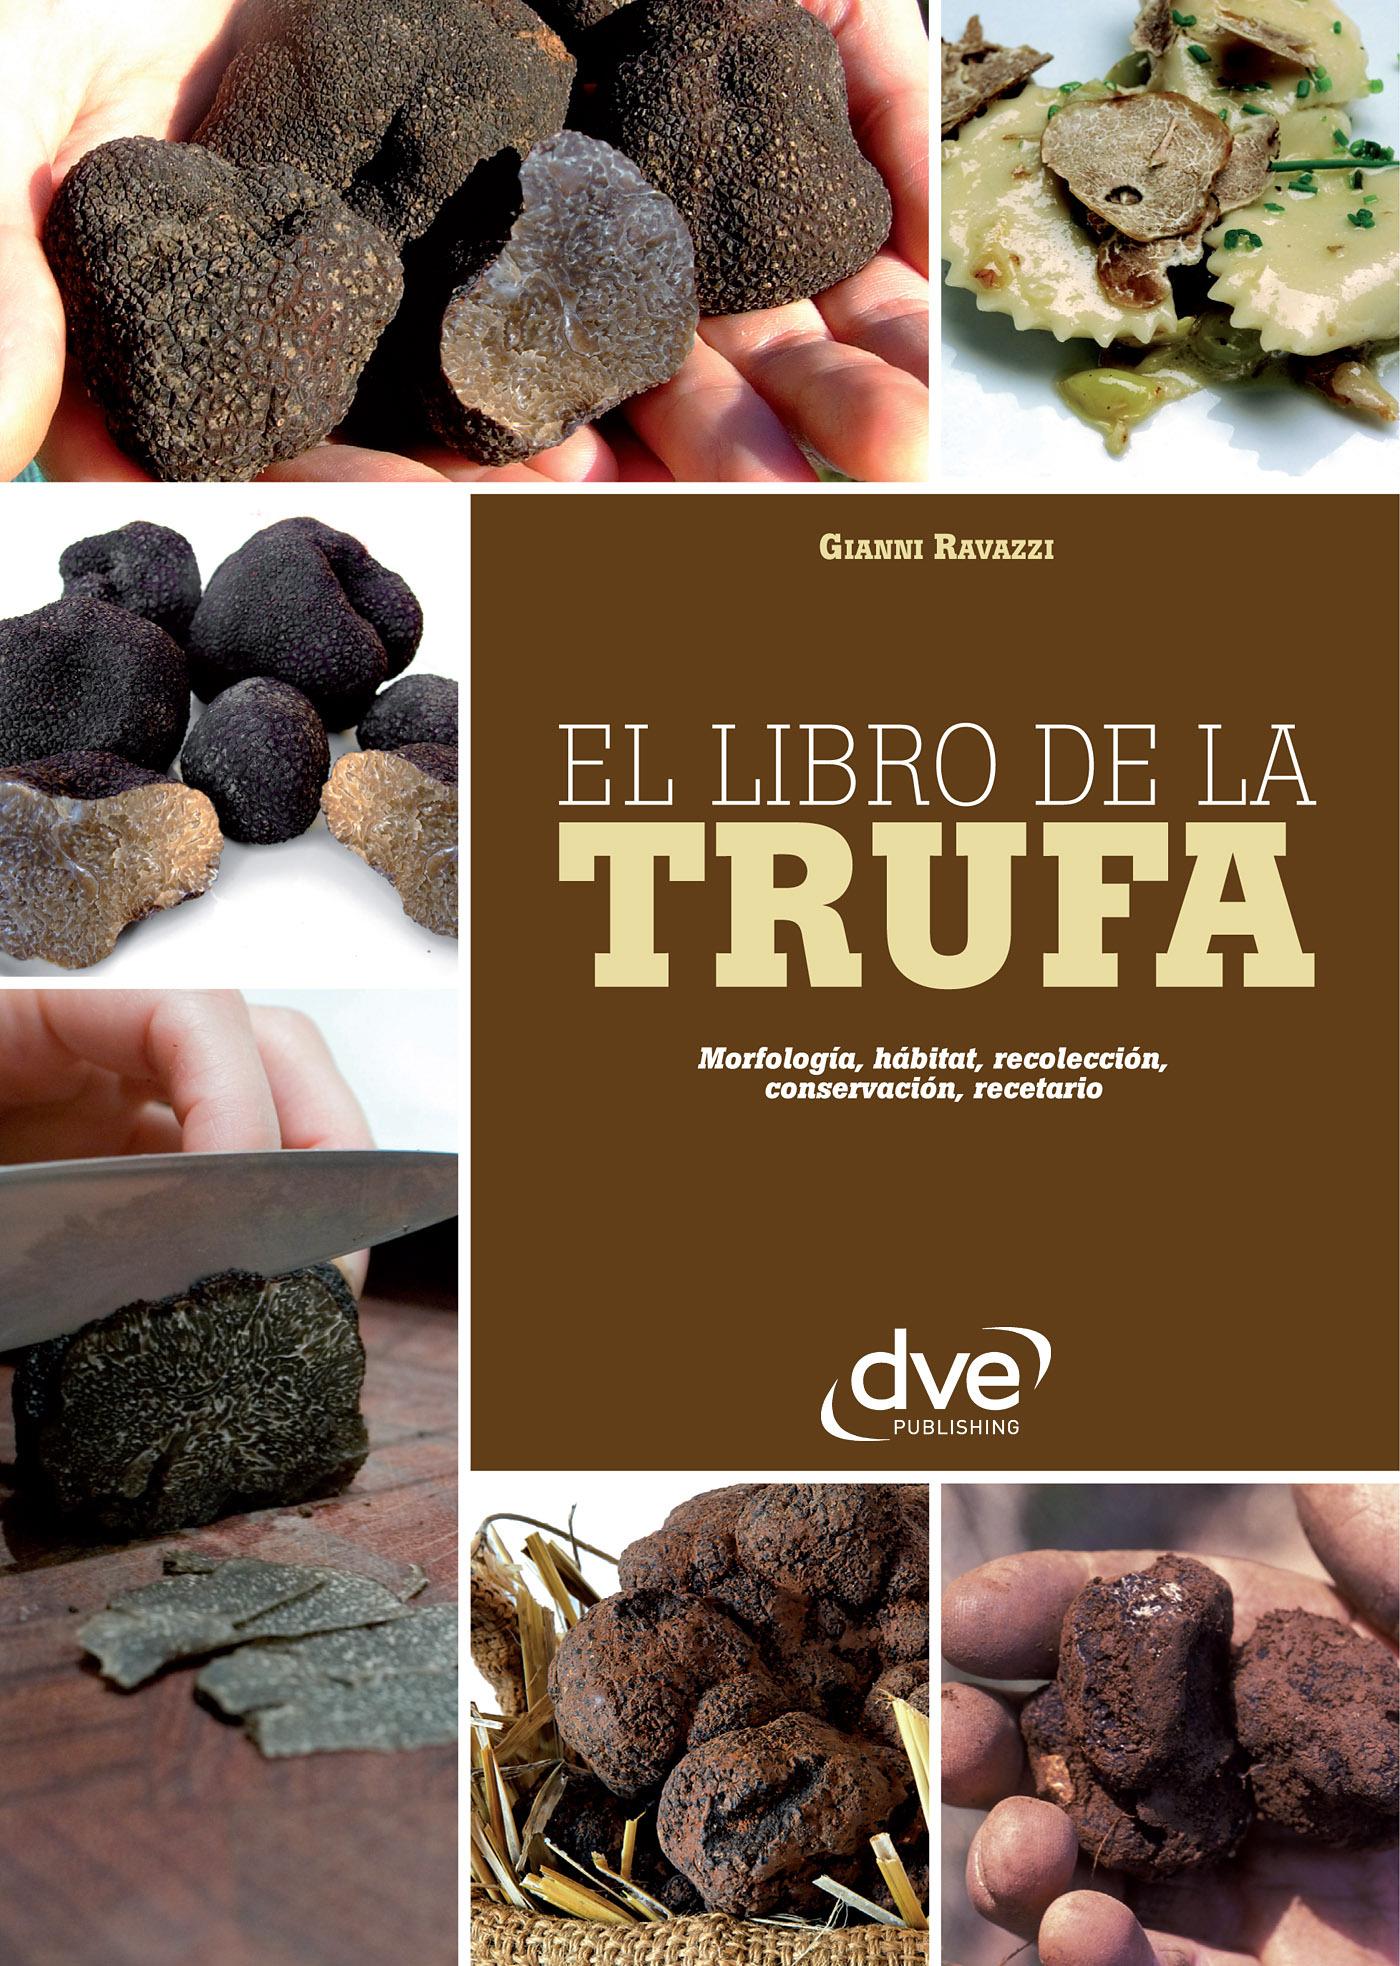 Ravazzi, Gianni - El libro de la trufa. Morfología, hábitat, recolección, conservación, recetario, ebook